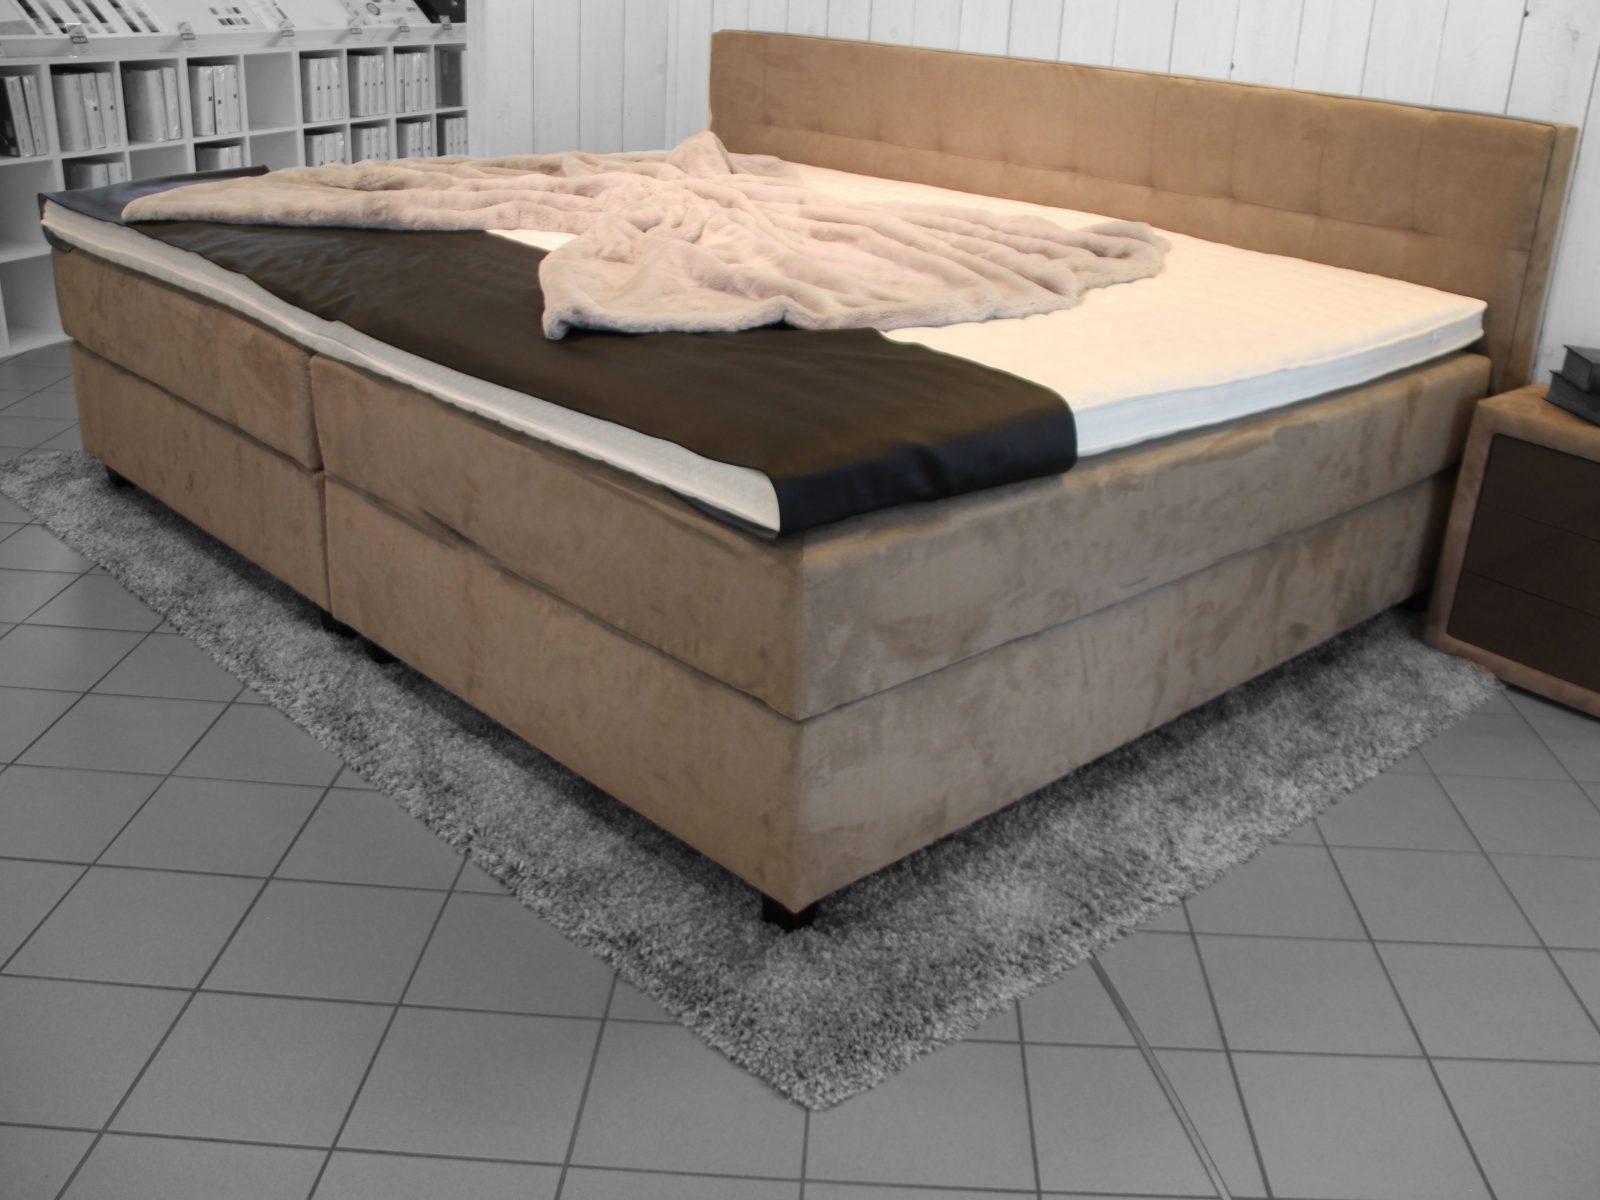 Boxspringbett Abverkauf 160X200Sofort Lieferbar Und Bis Zu 50 von Boxspringbett 160X200 Sofort Lieferbar Photo